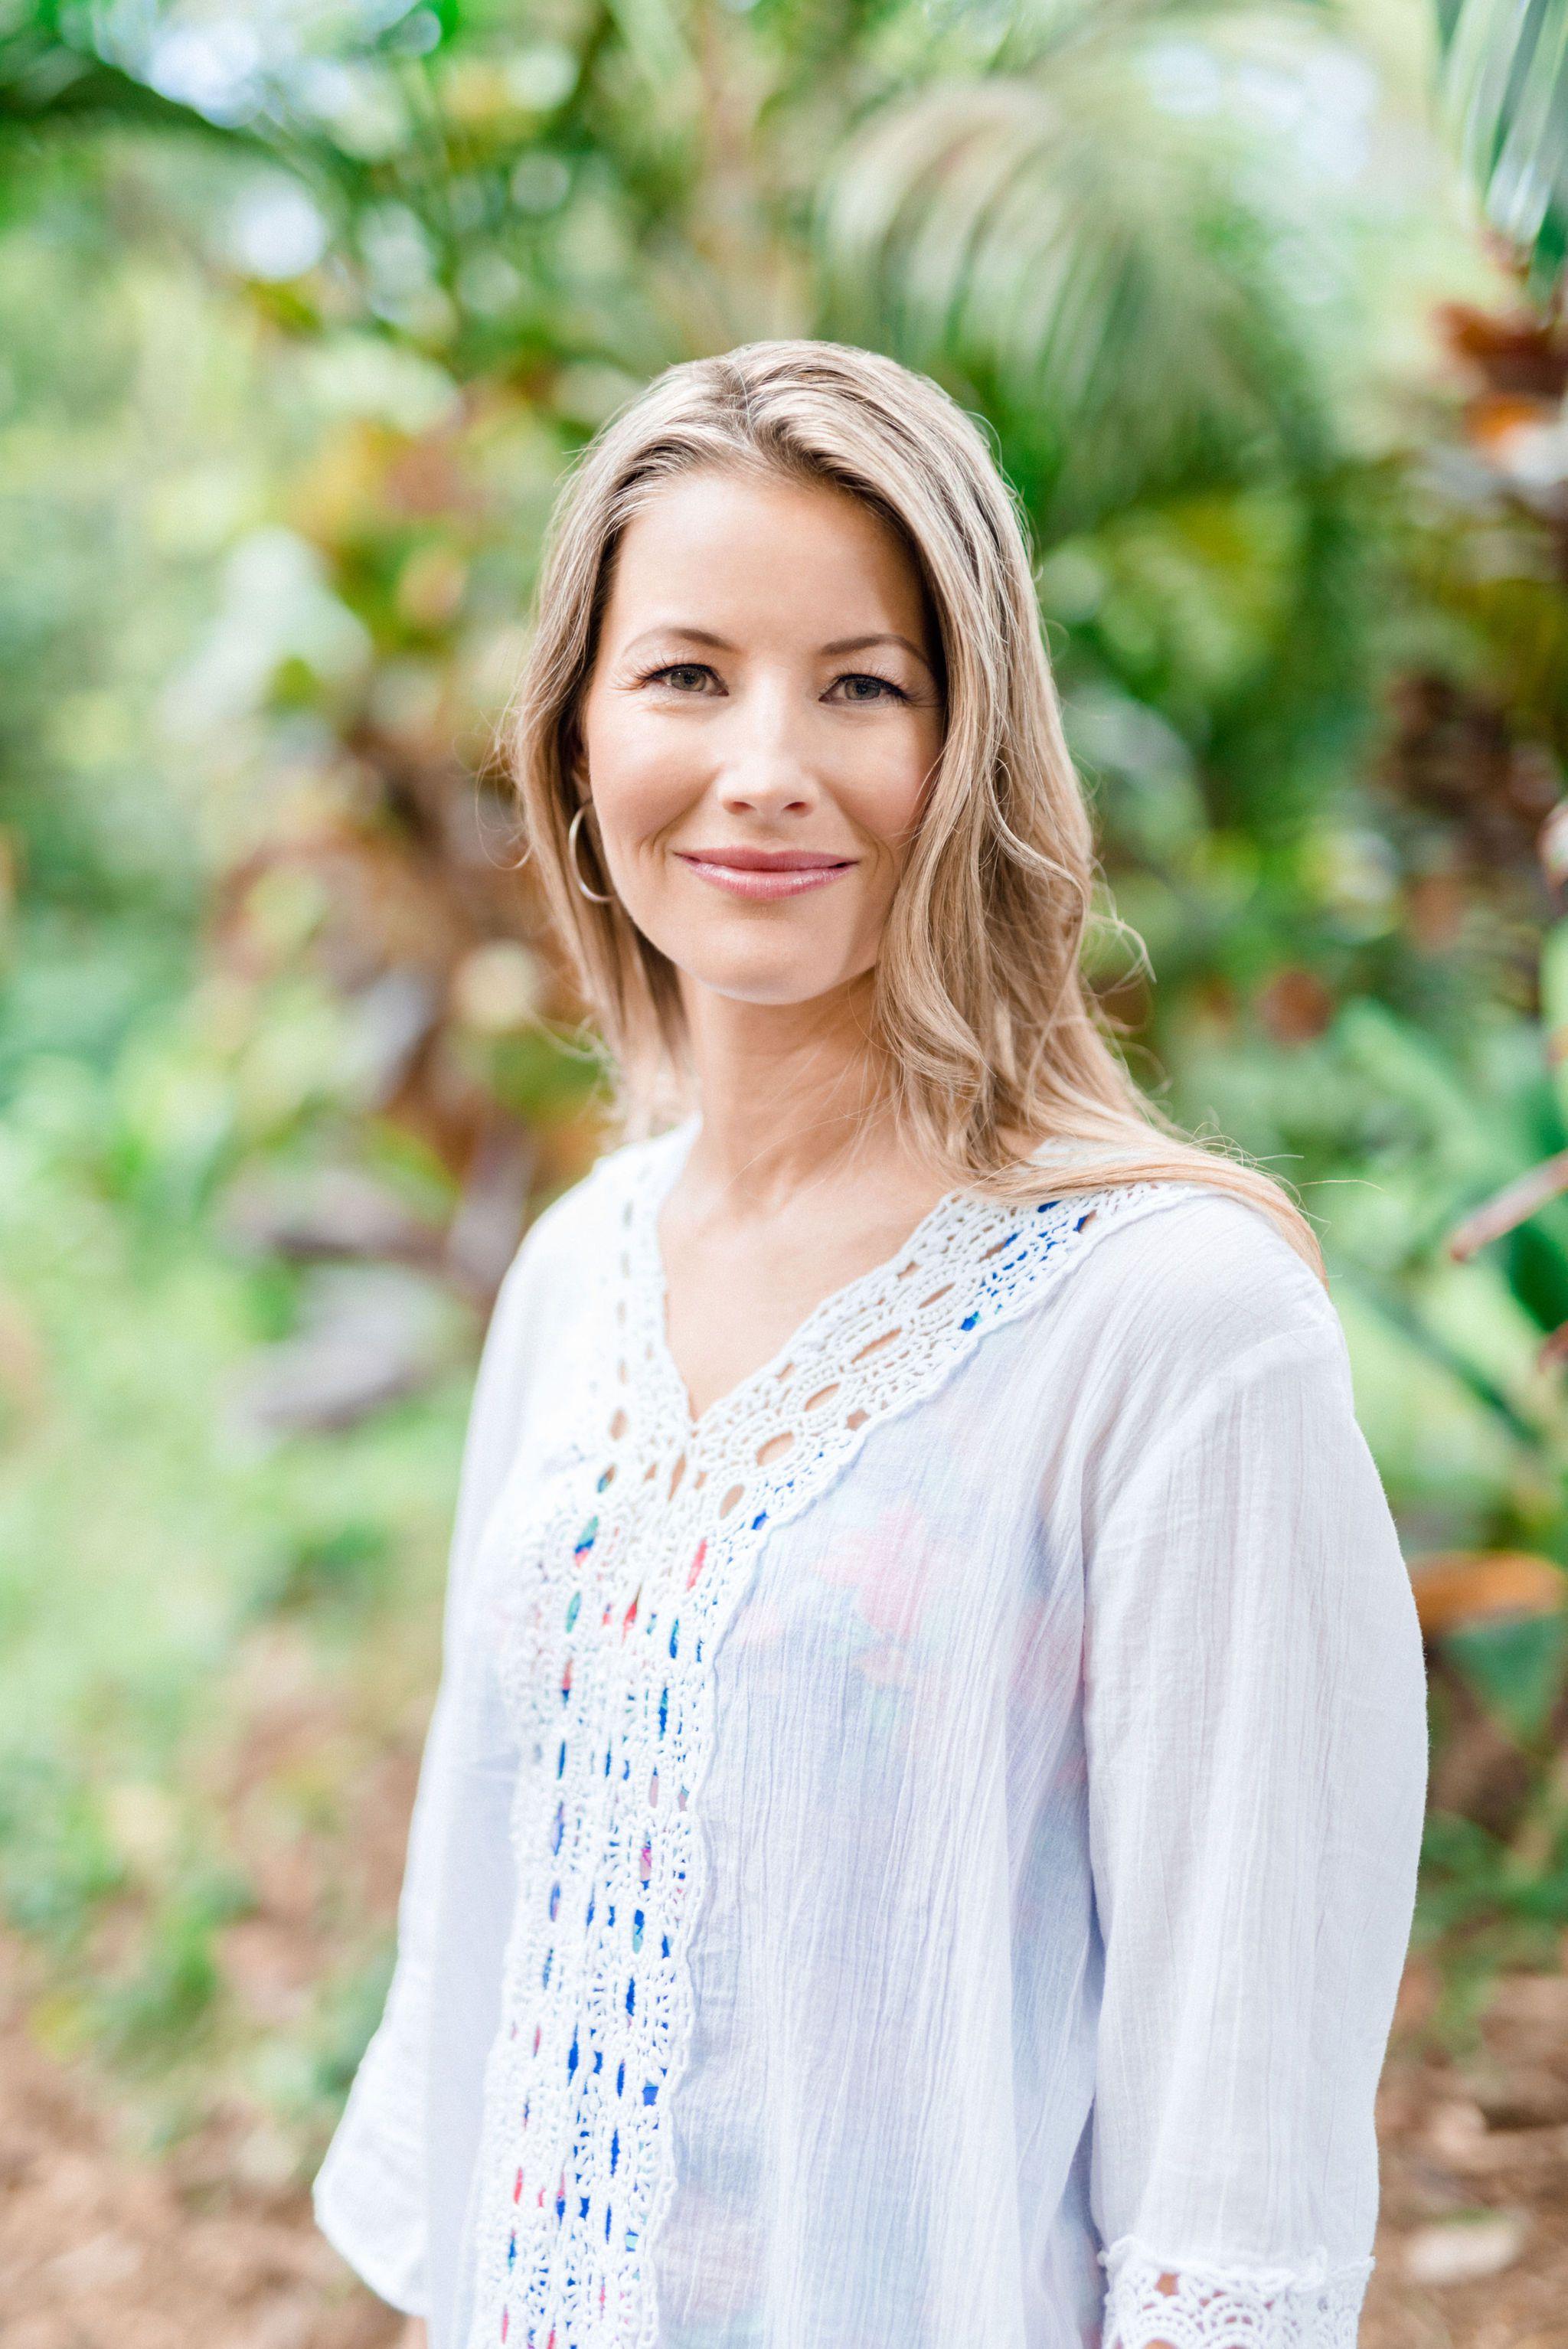 Honolulu Branding Headshot Photographer